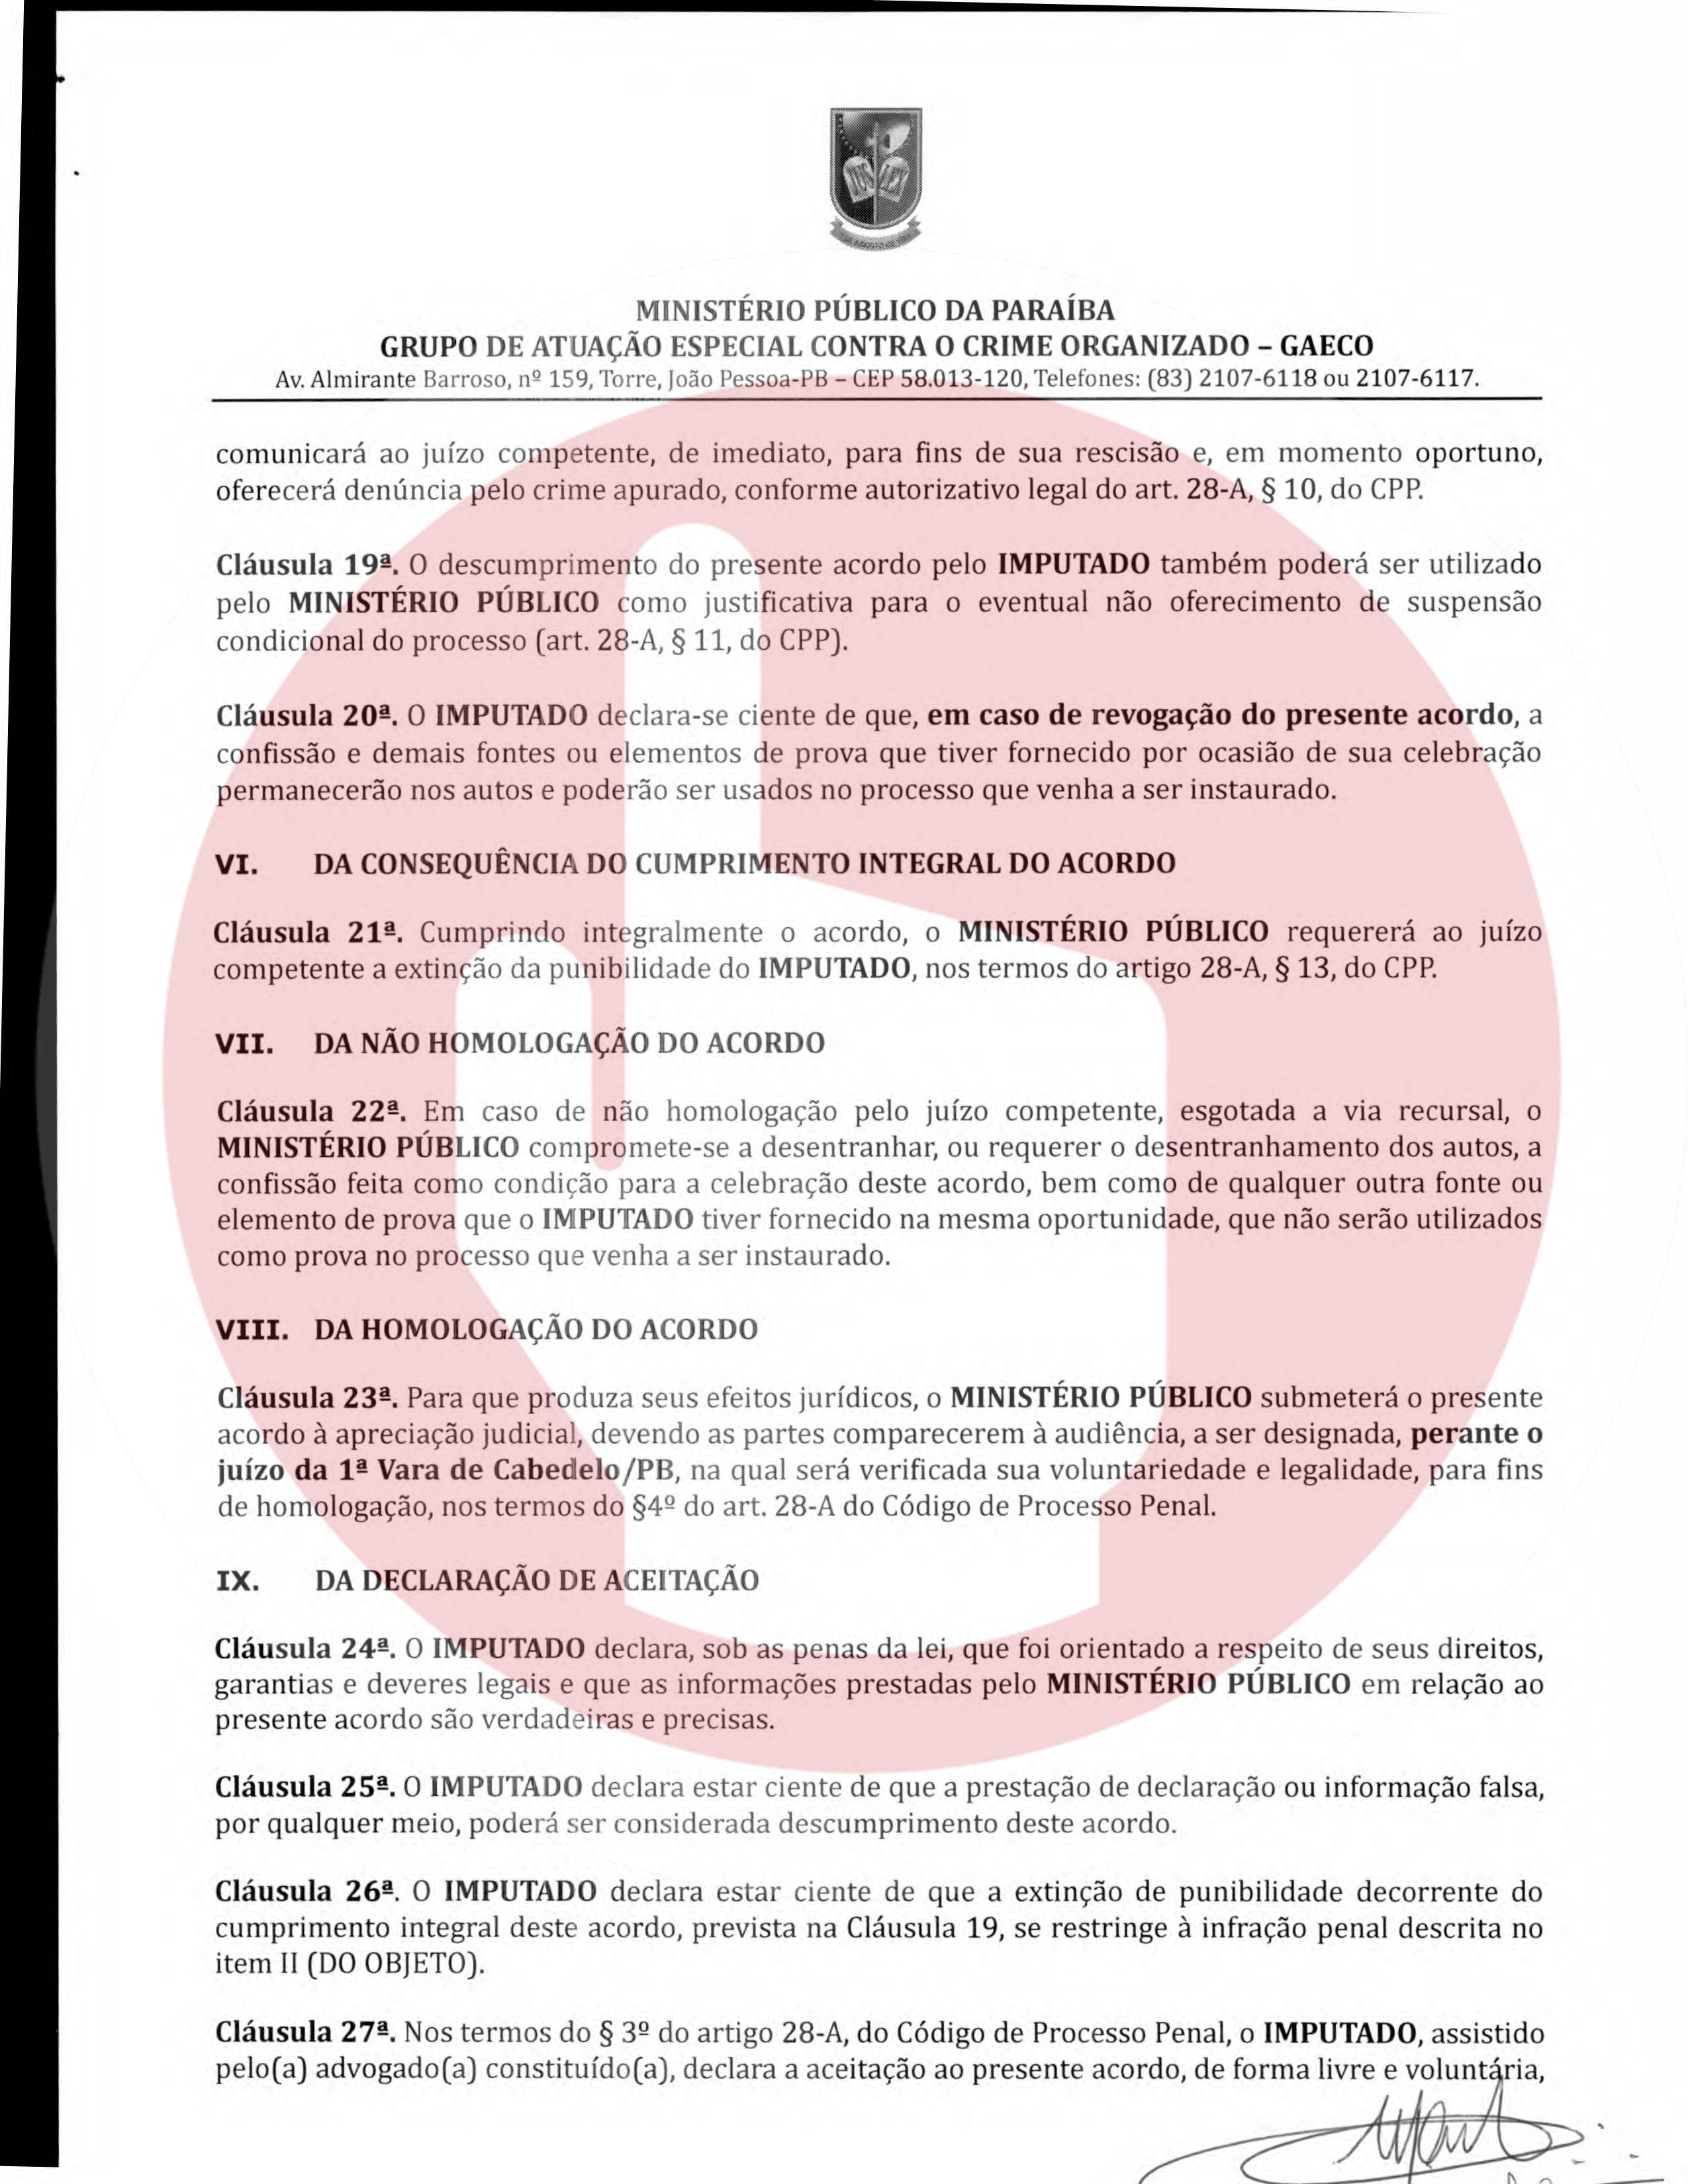 termo de anpp   henrique geraldo lara 5 - Henrique Lara, dono da Projecta fez acordo de quase 1 milhão de reais para não ser denunciado na Xeque-Mate - VEJA O DOCUMENTO